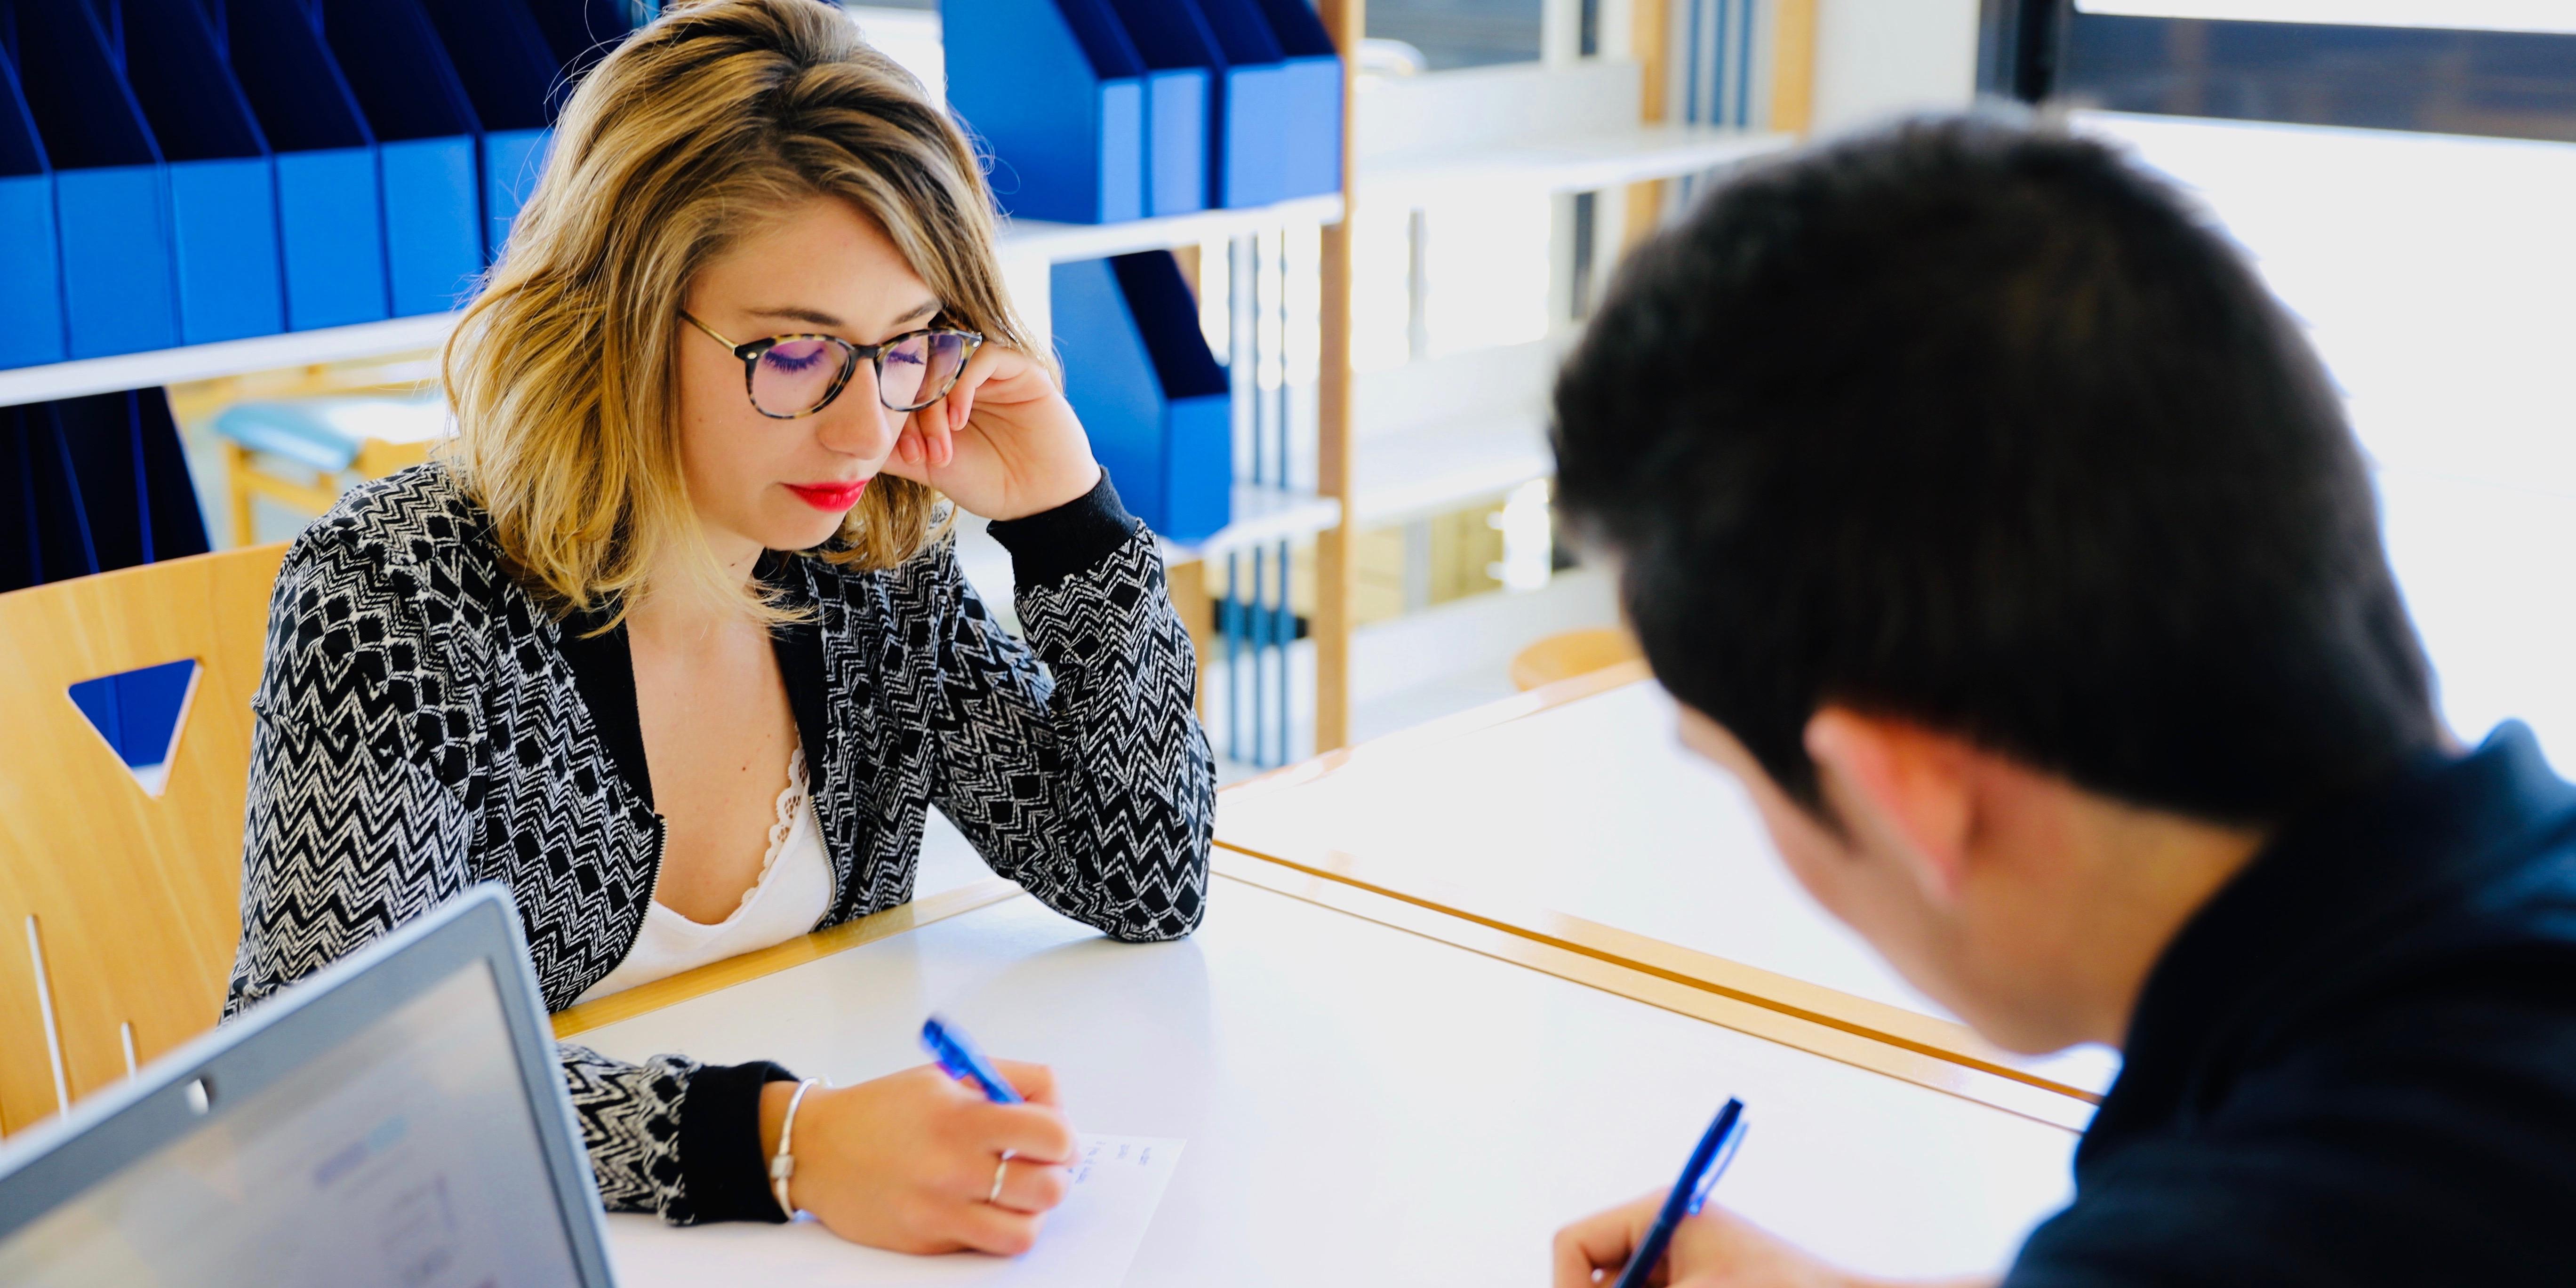 Formation > Construire son parcours > Reprendre ses études